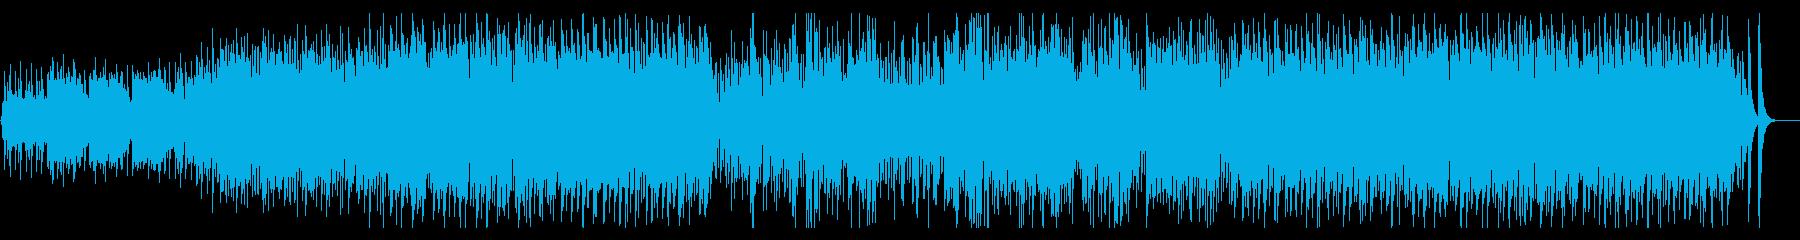 のんびりとした牧歌的な日常曲の再生済みの波形